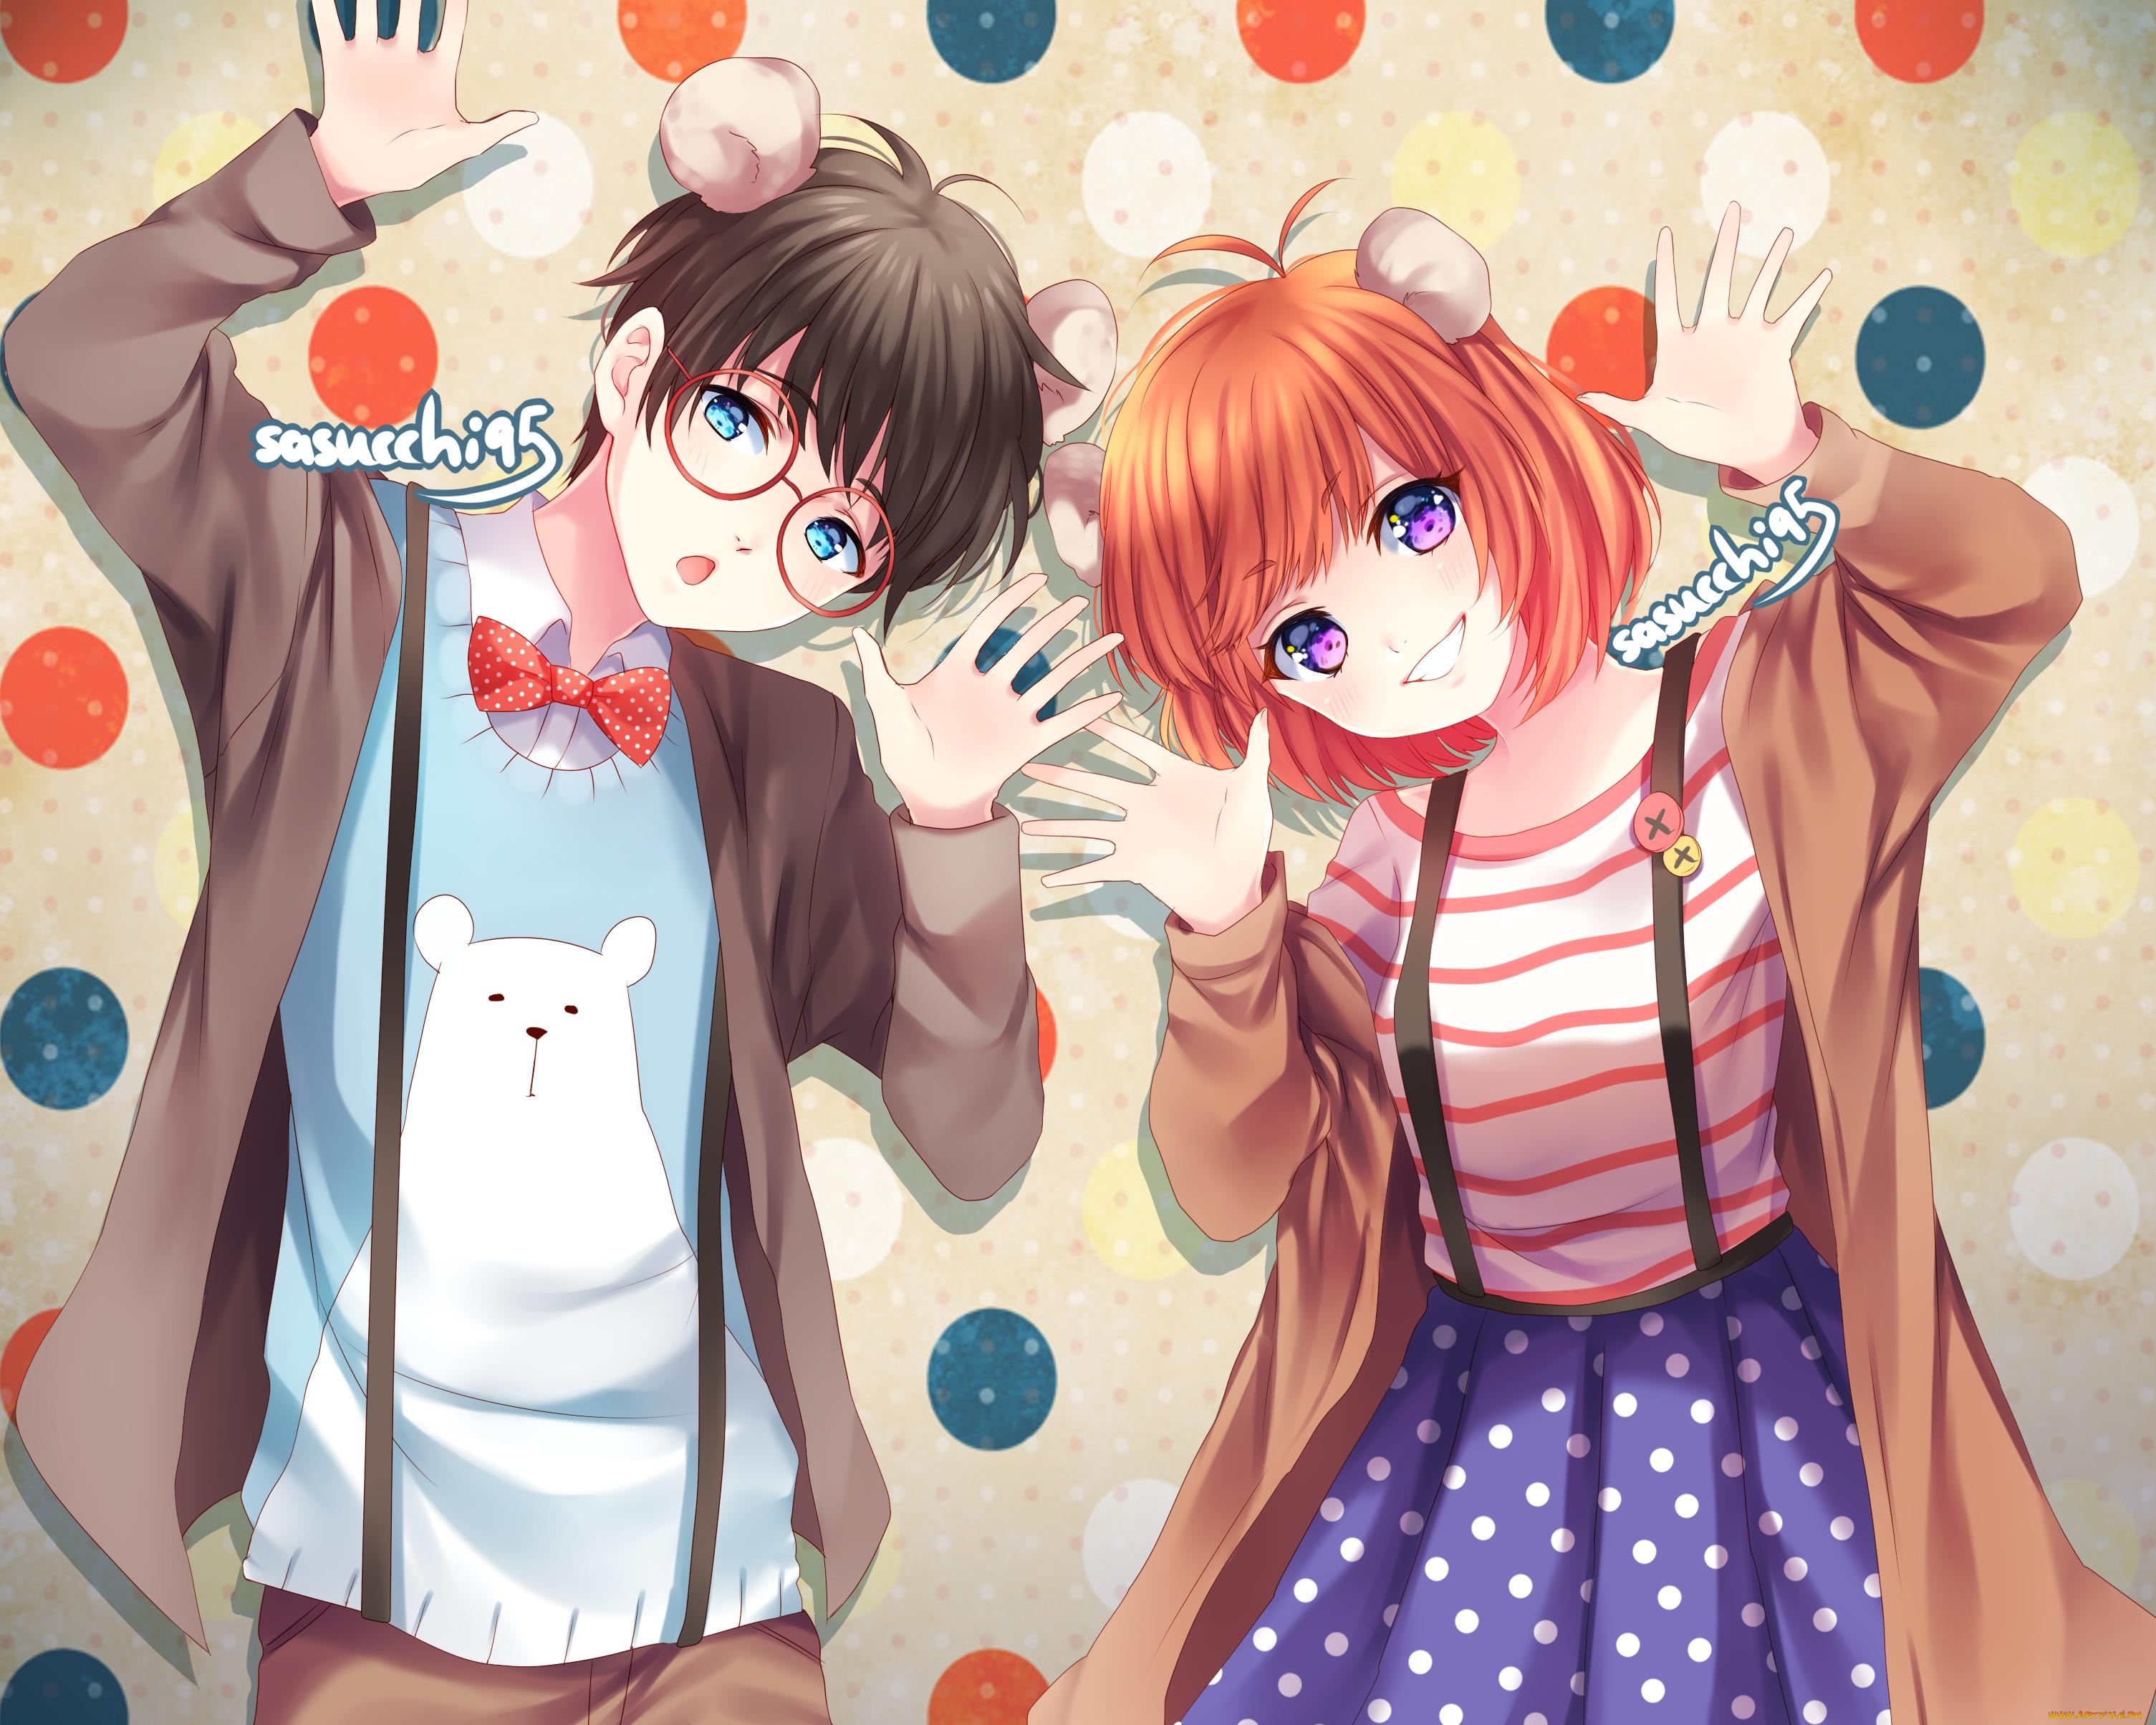 Прикольные картинки для аватарок мальчик и девочка аниме